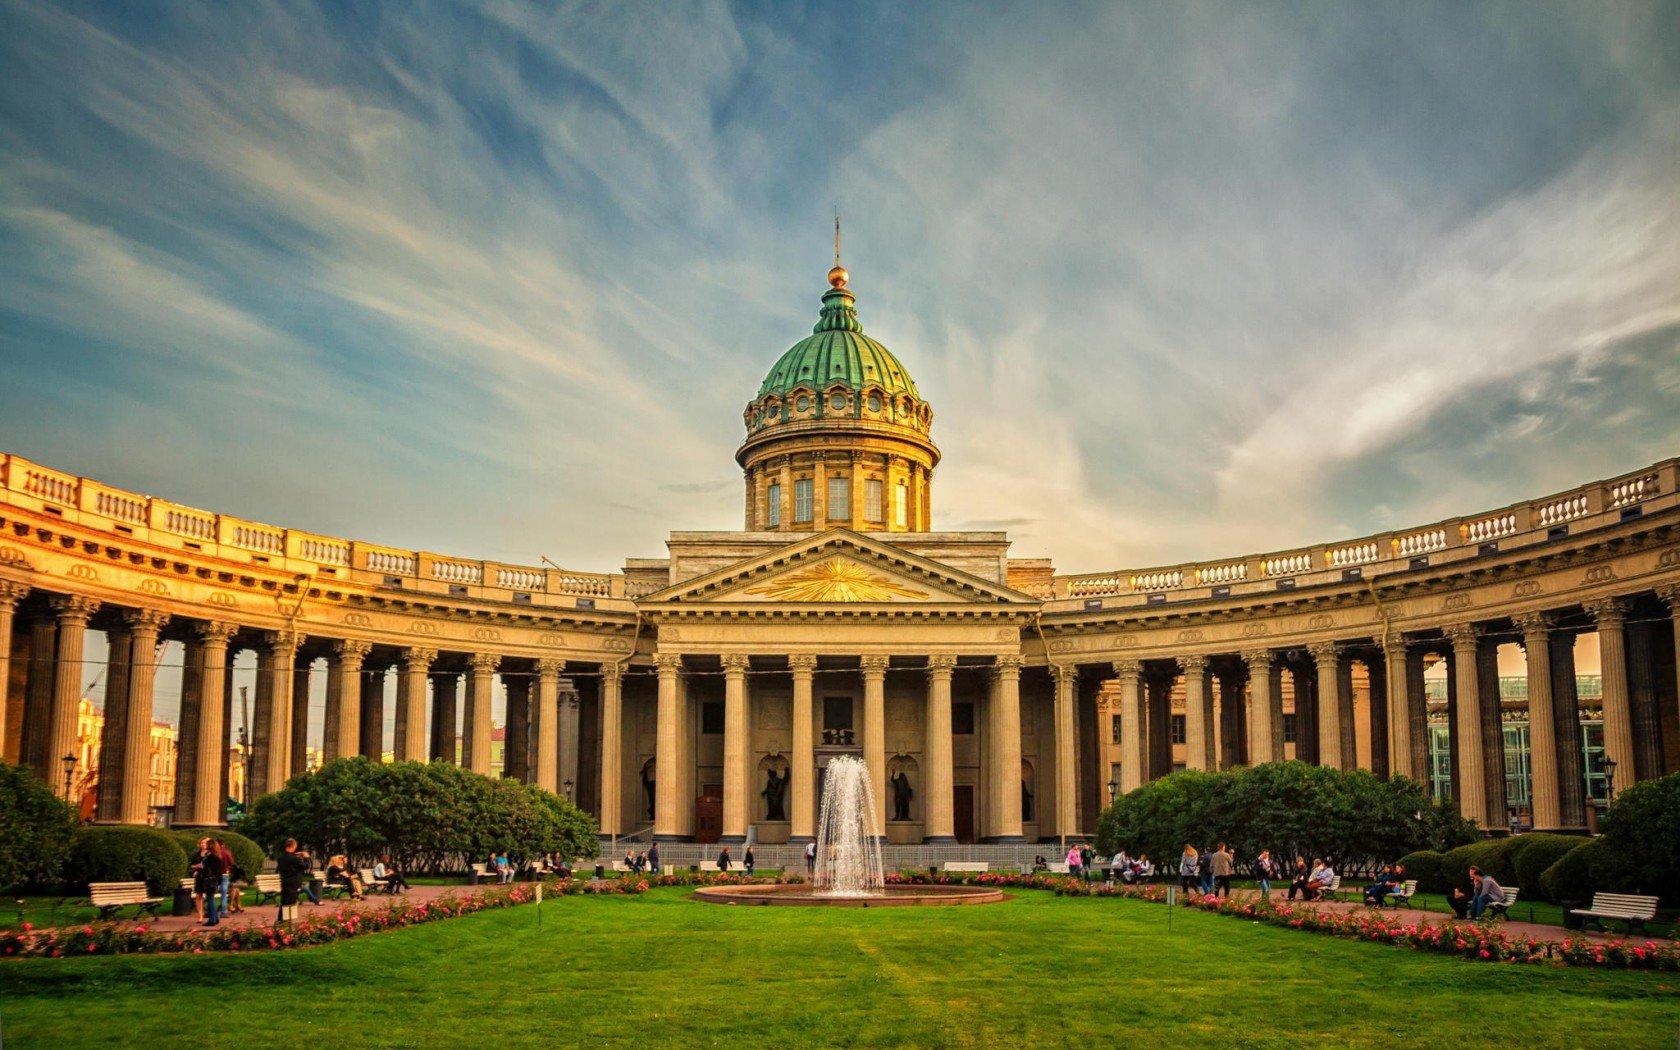 Venäjä_Pietari_Kazanin kirkko